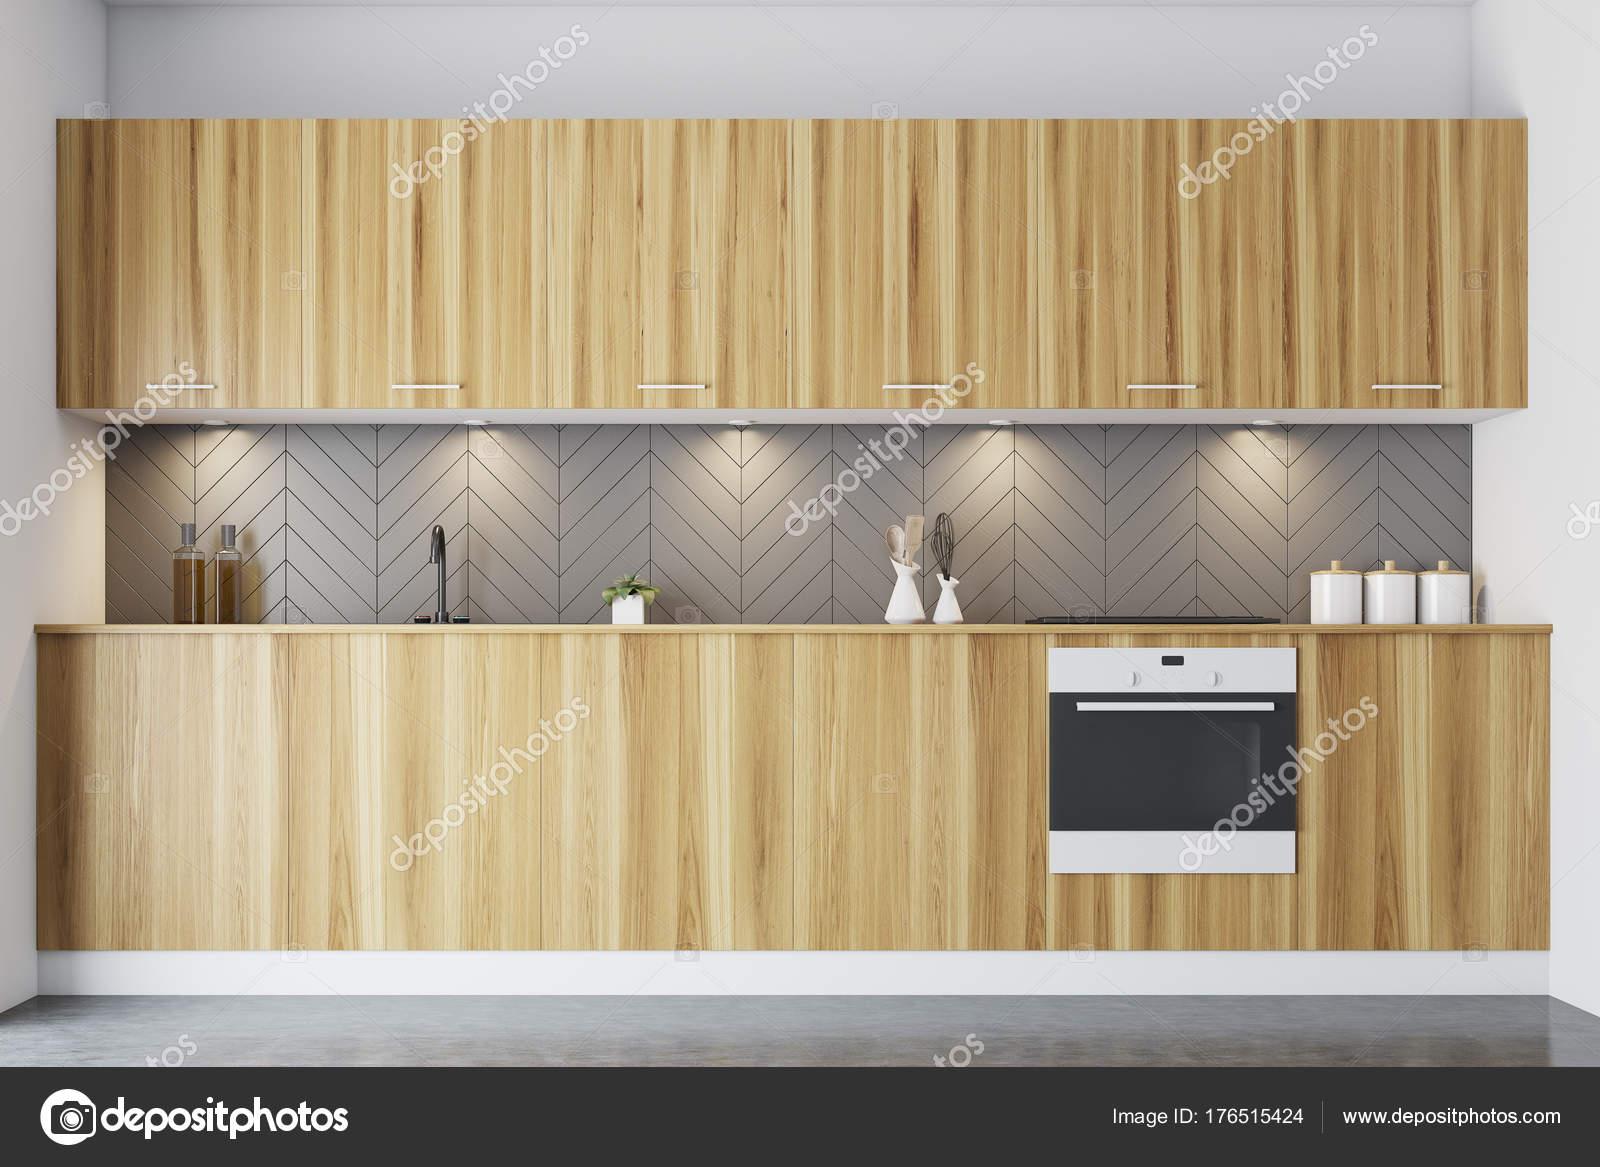 Kuchnia Szary Ciemny Blat Drewniany Zdjęcie Stockowe